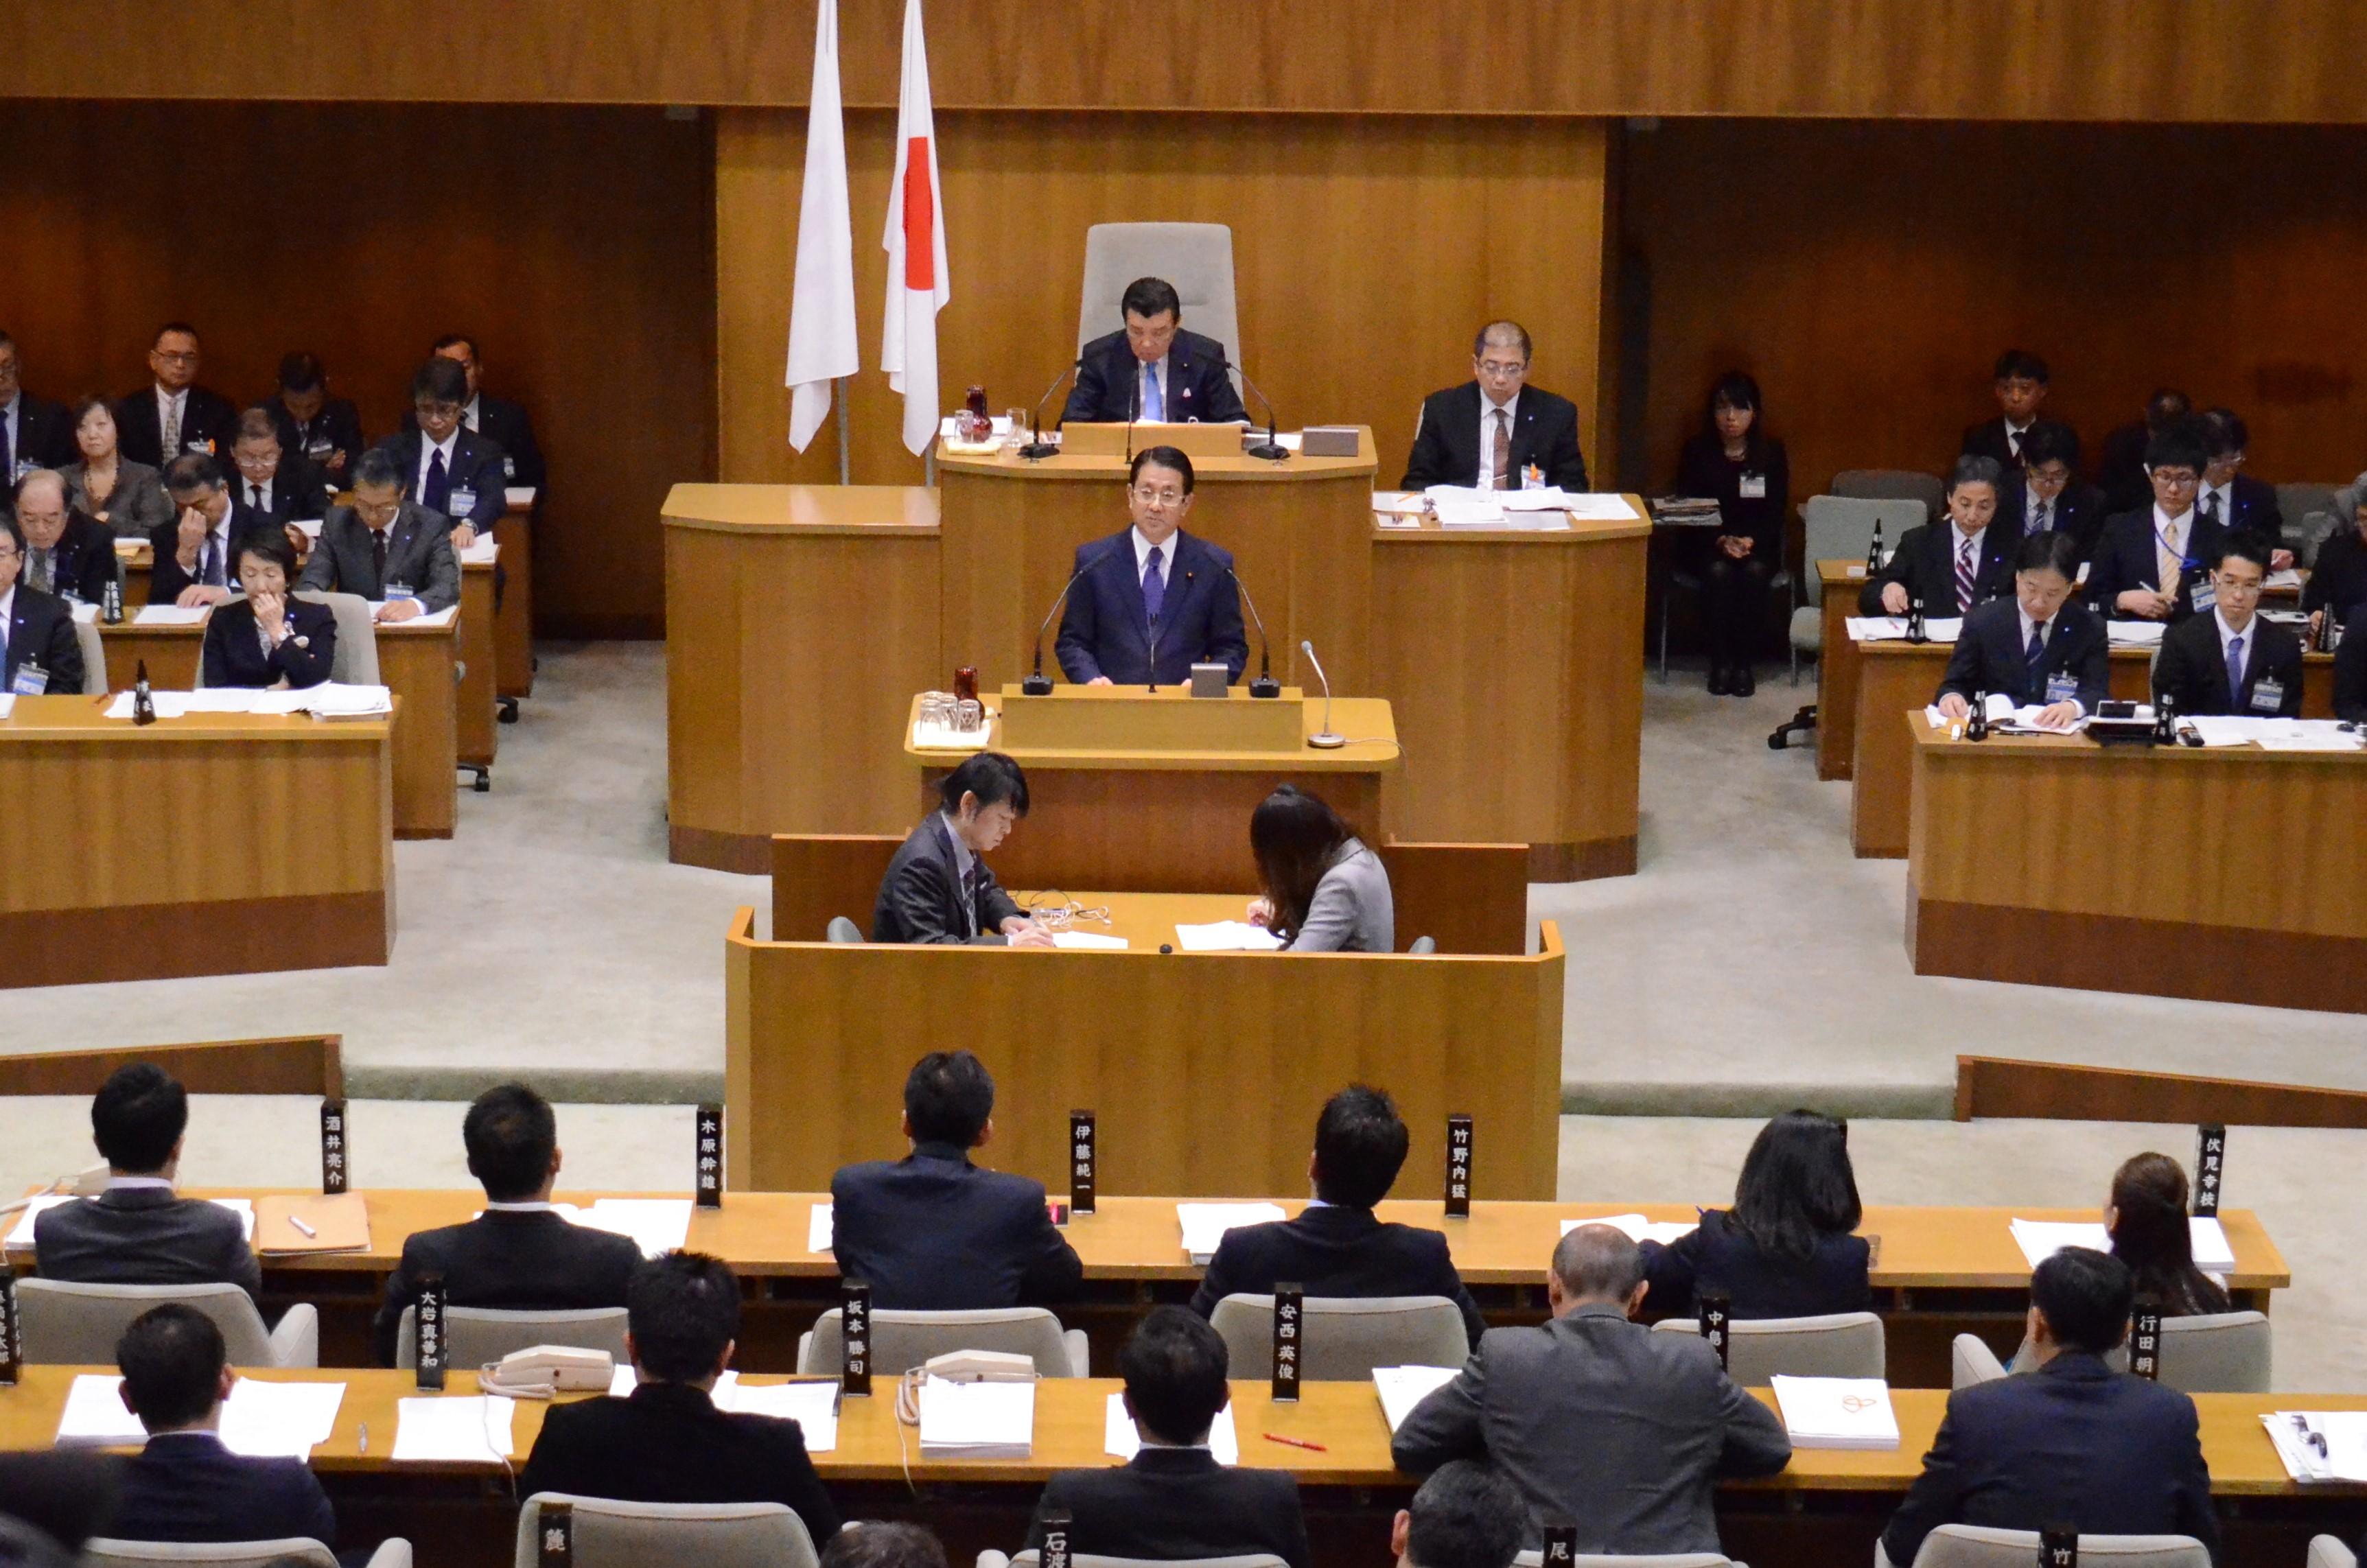 議会のあり方を市民に対して宣言 横浜市会基本条例